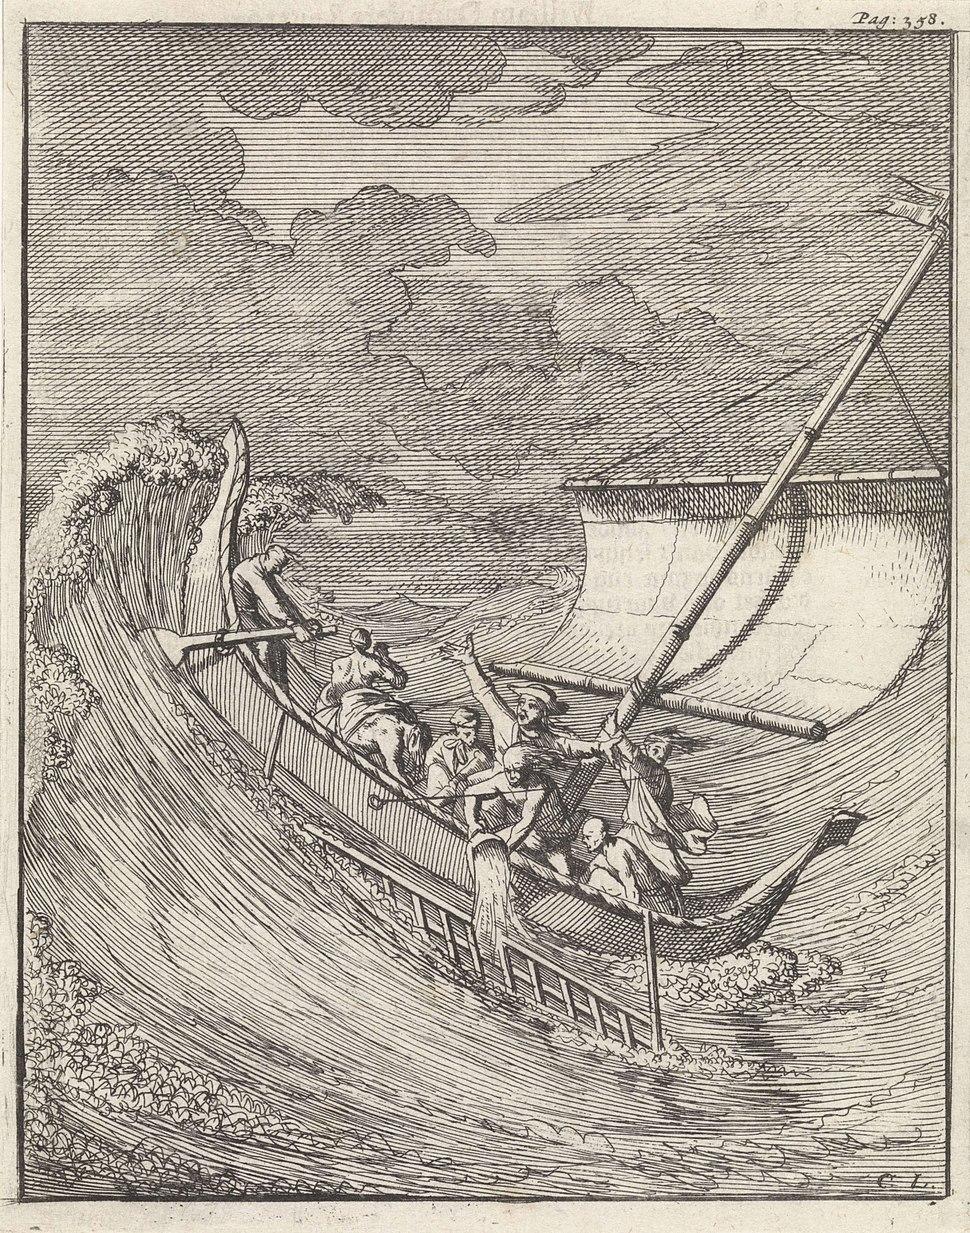 Schrijver William Dampier in een kleine open prauw op reis naar Aceh (Indonesië), Caspar Luyken, Abraham de Hondt, 1698 - Rijksmuseum